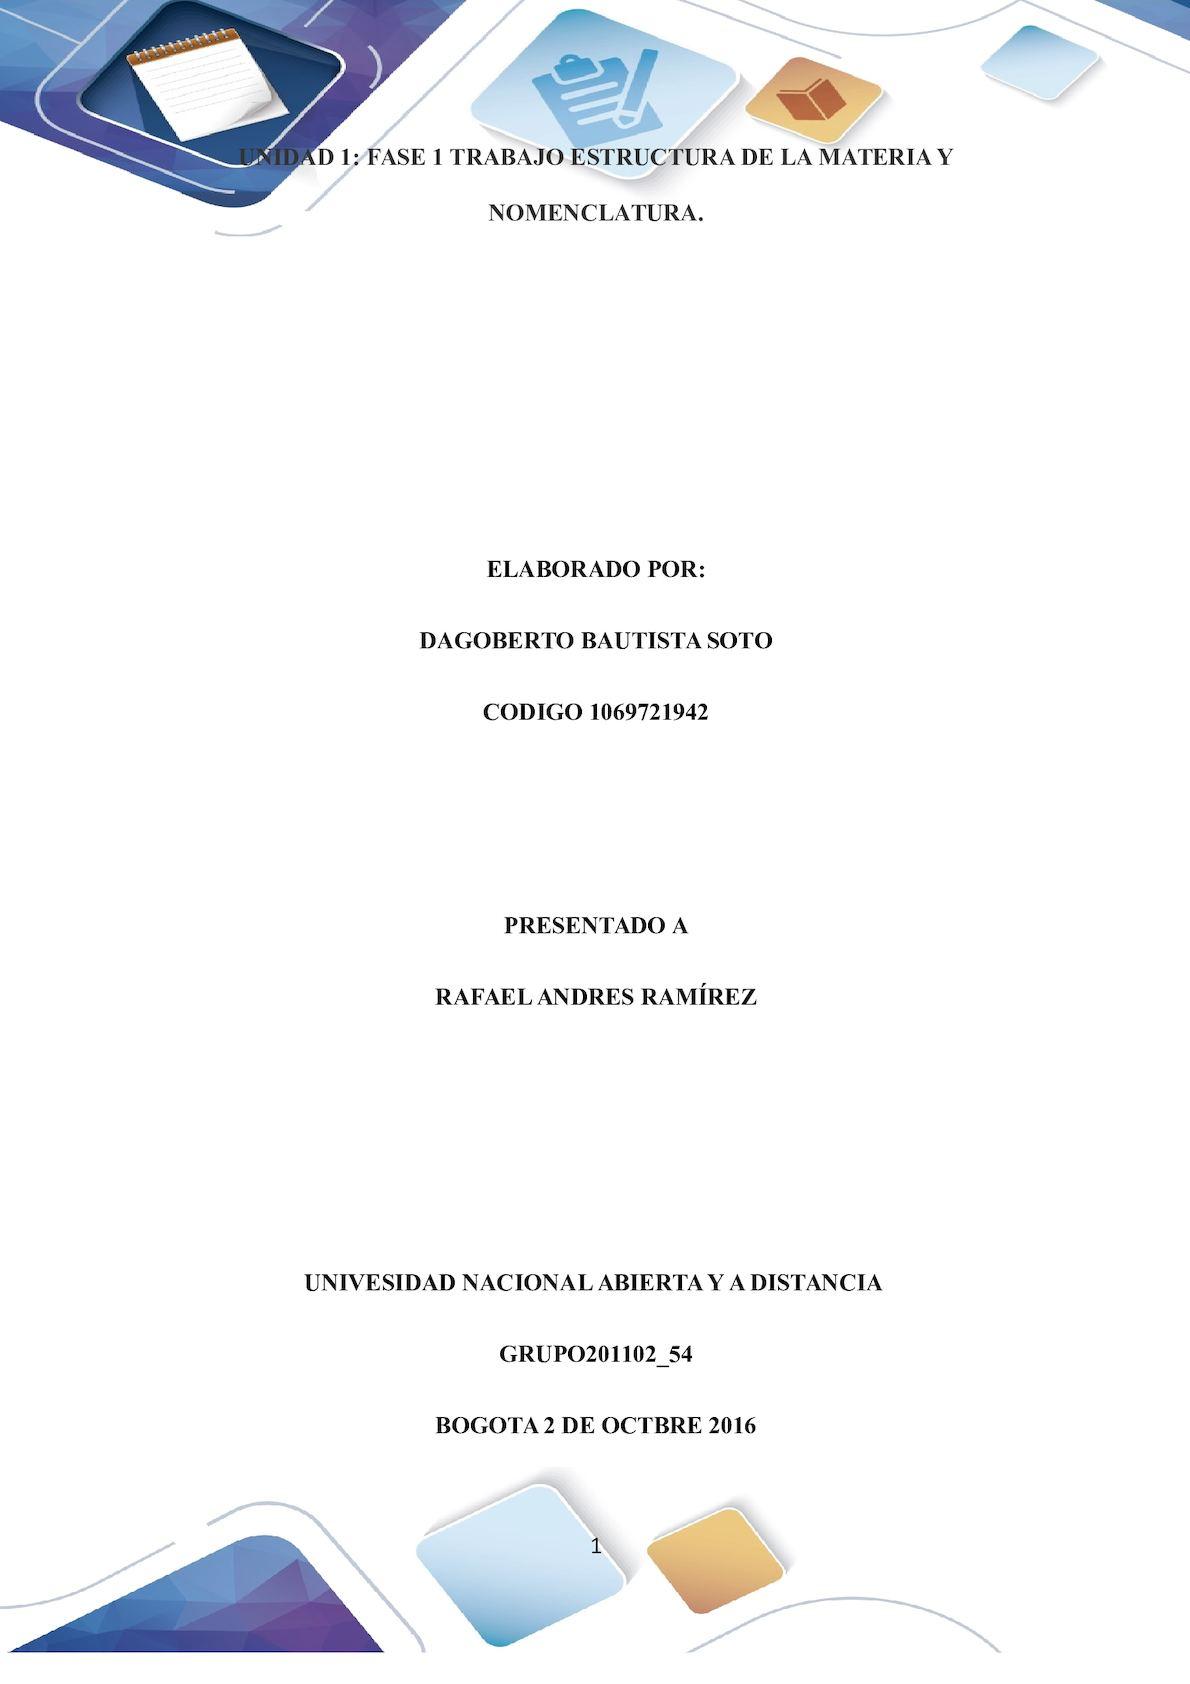 Formato Entrega Trabajo Colaborativo – Unidad 1 Fase 1 Trabajo Estructura De La Materia Y Nomenclatura Grupo 201102 54